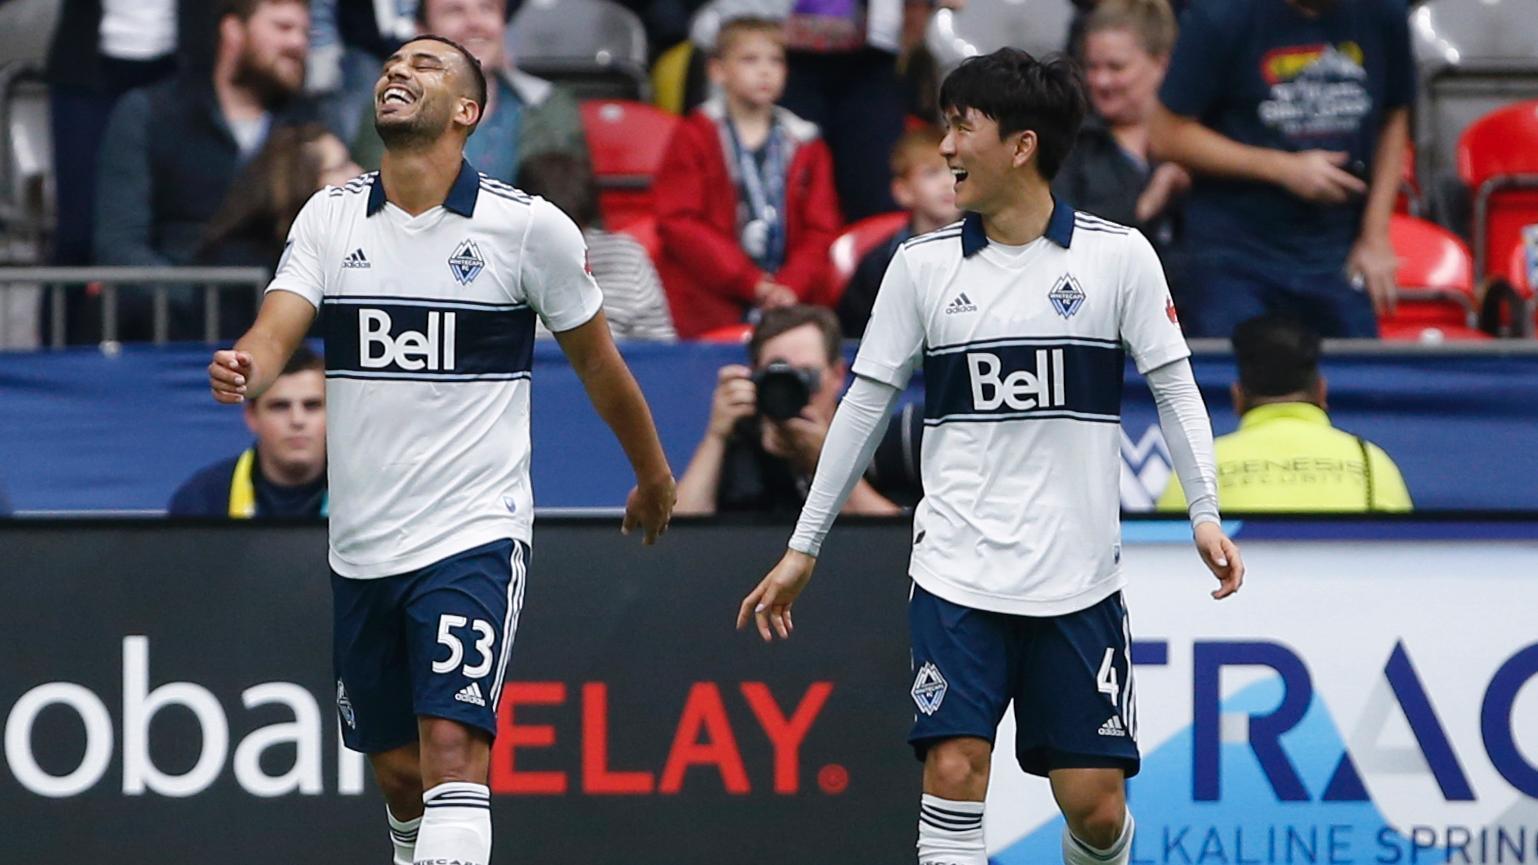 Adnan splits 2 defenders, puts Whitecaps in front